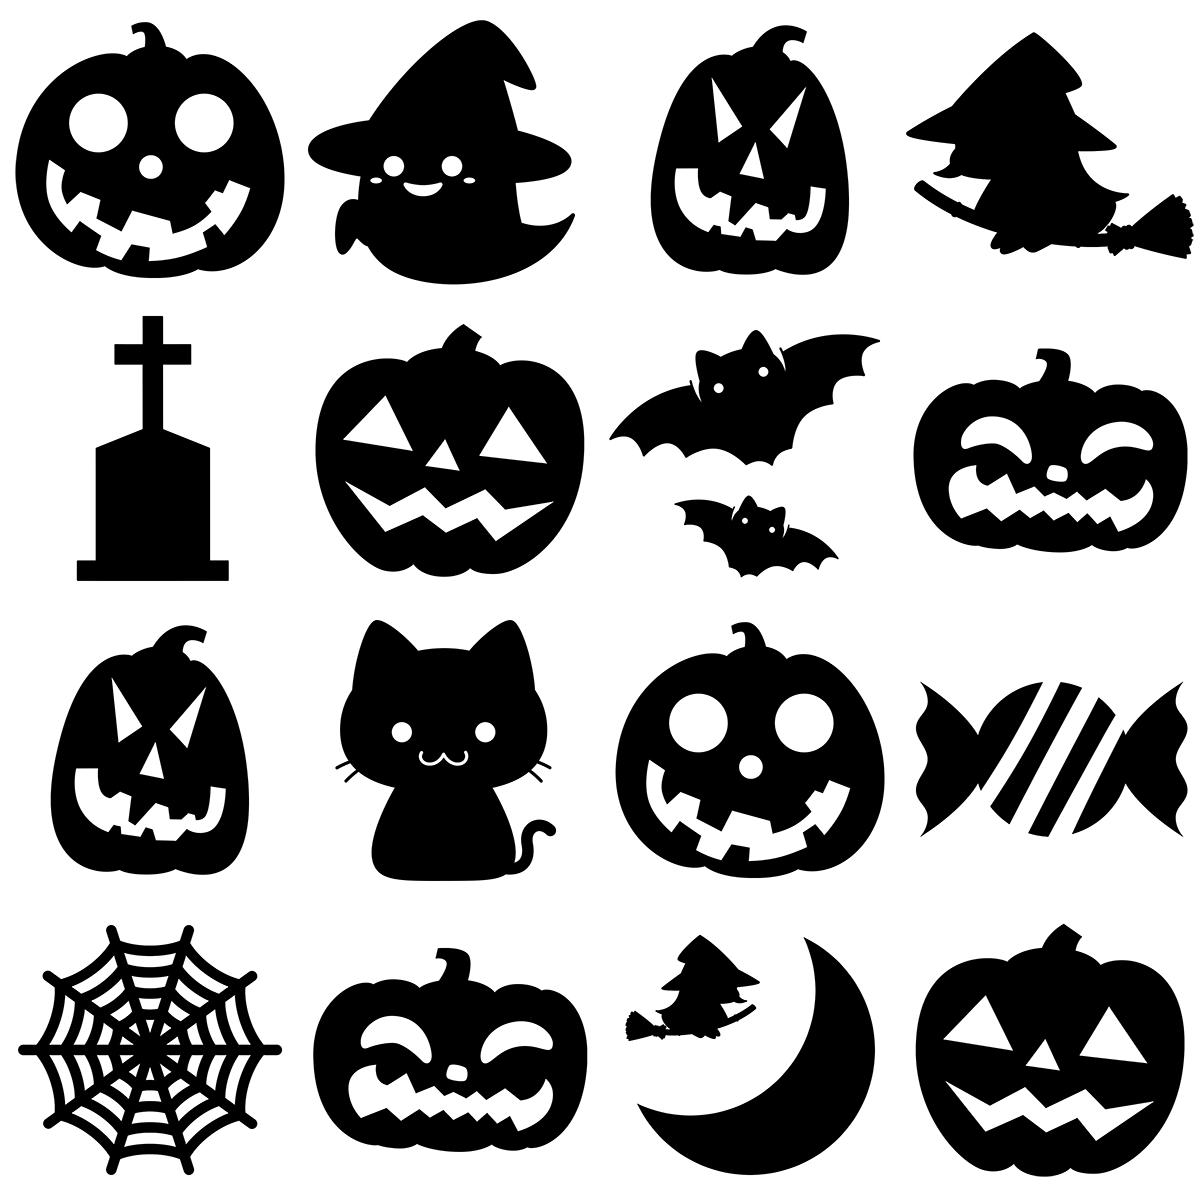 【パターン】ハロウィンのシルエットの無料イラスト